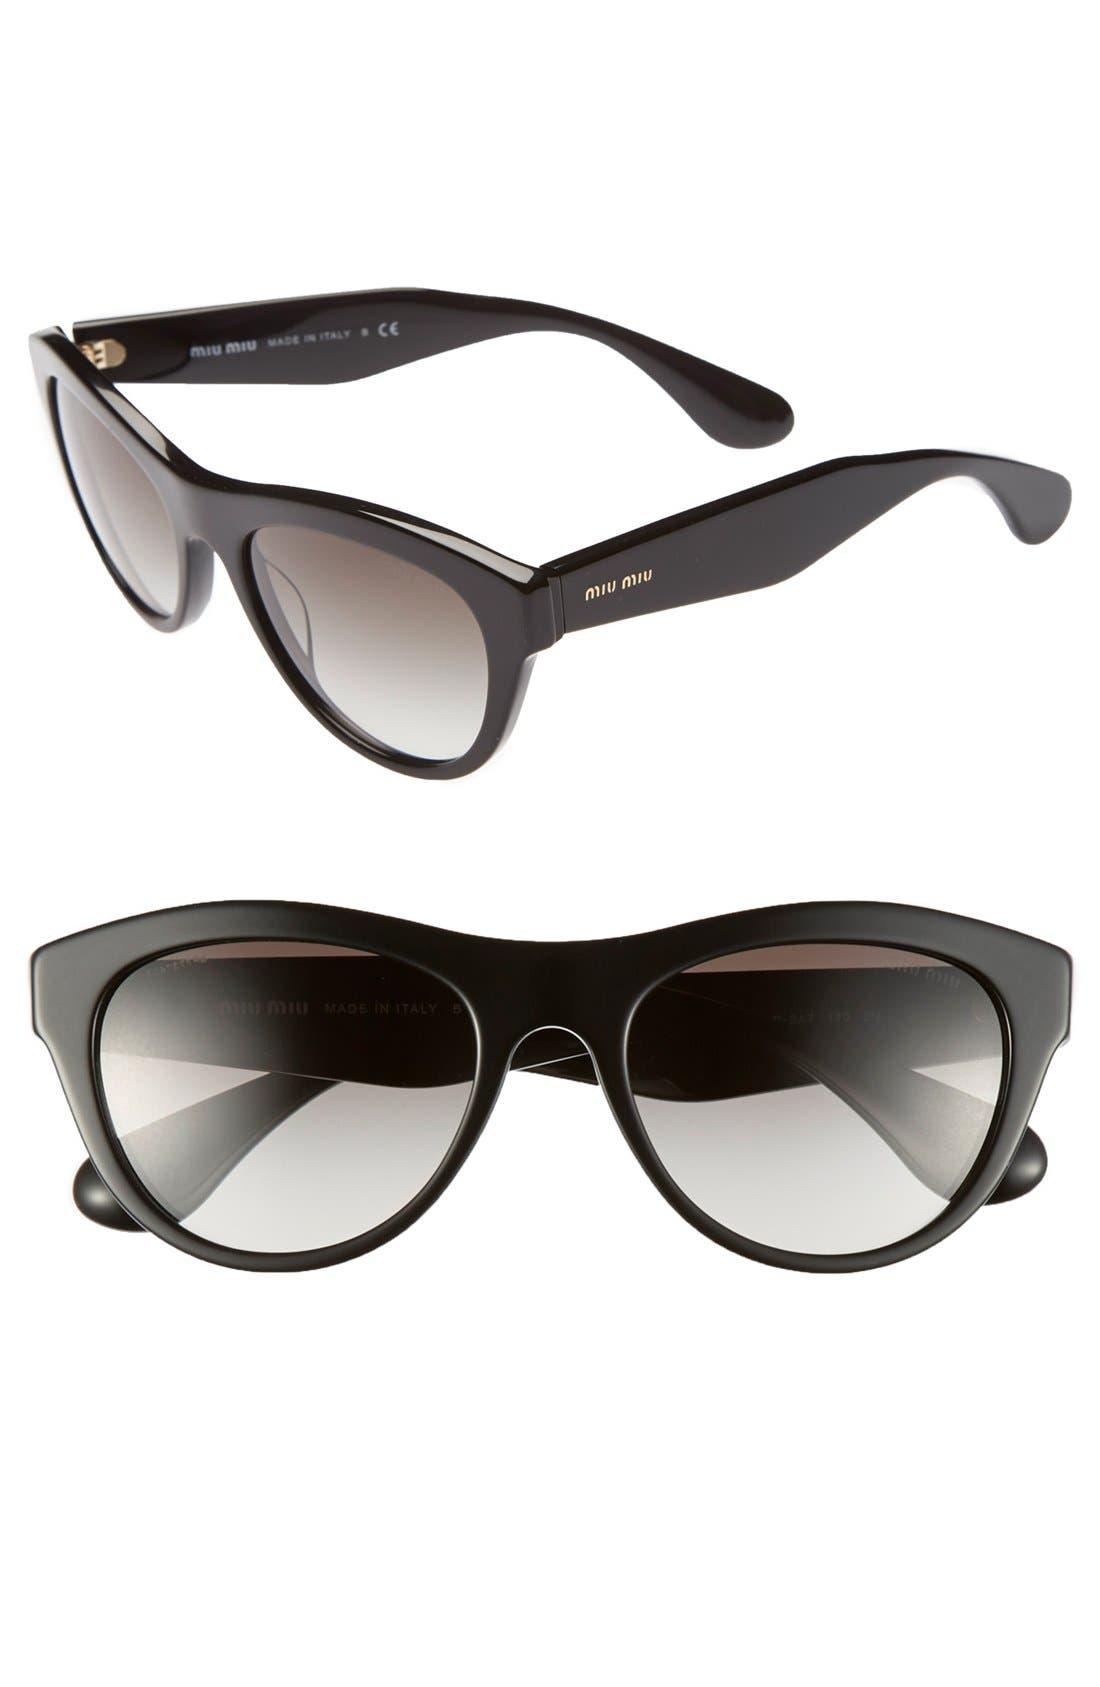 Main Image - Miu Miu 54mm Cat Eye Sunglasses